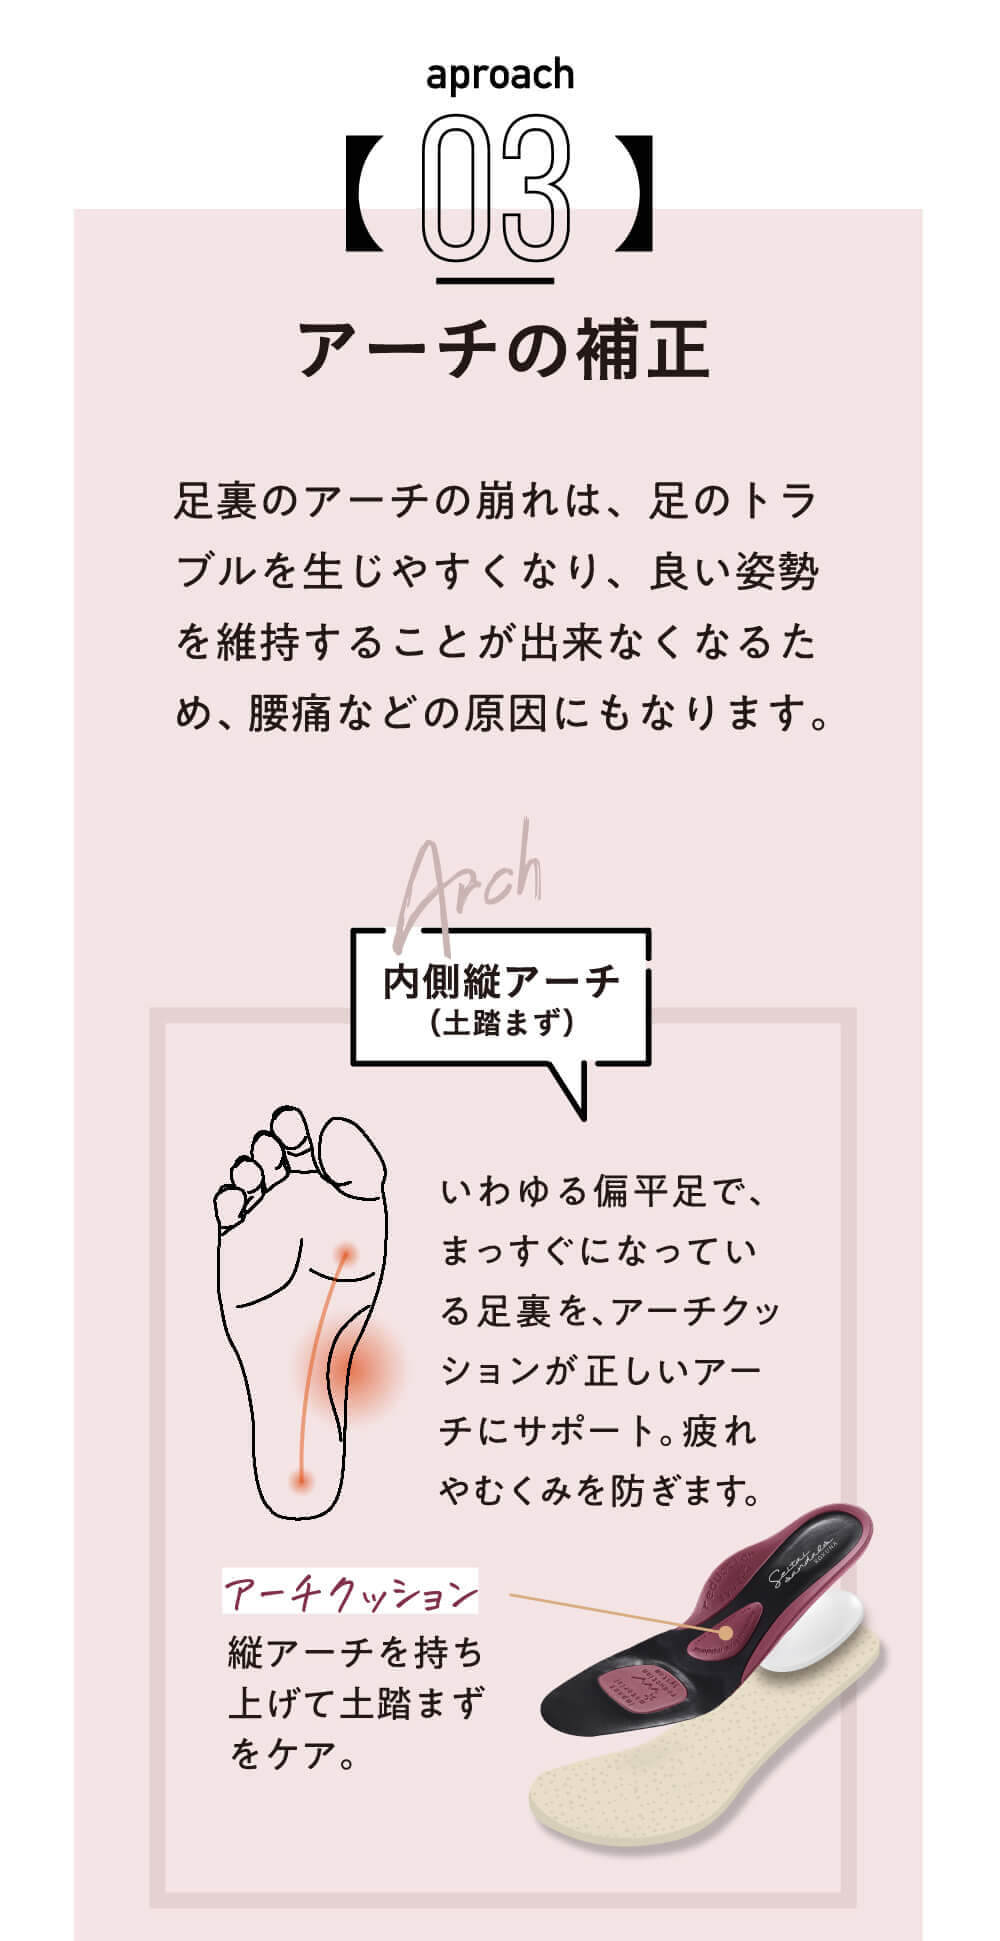 「アーチクッション」が、いわゆる扁平足でまっすぐになっている足裏を正しいアーチにサポート。疲れやむくみを防ぎます。「アーチクッション」は縦アーチを持ち上げて土踏まずをケア